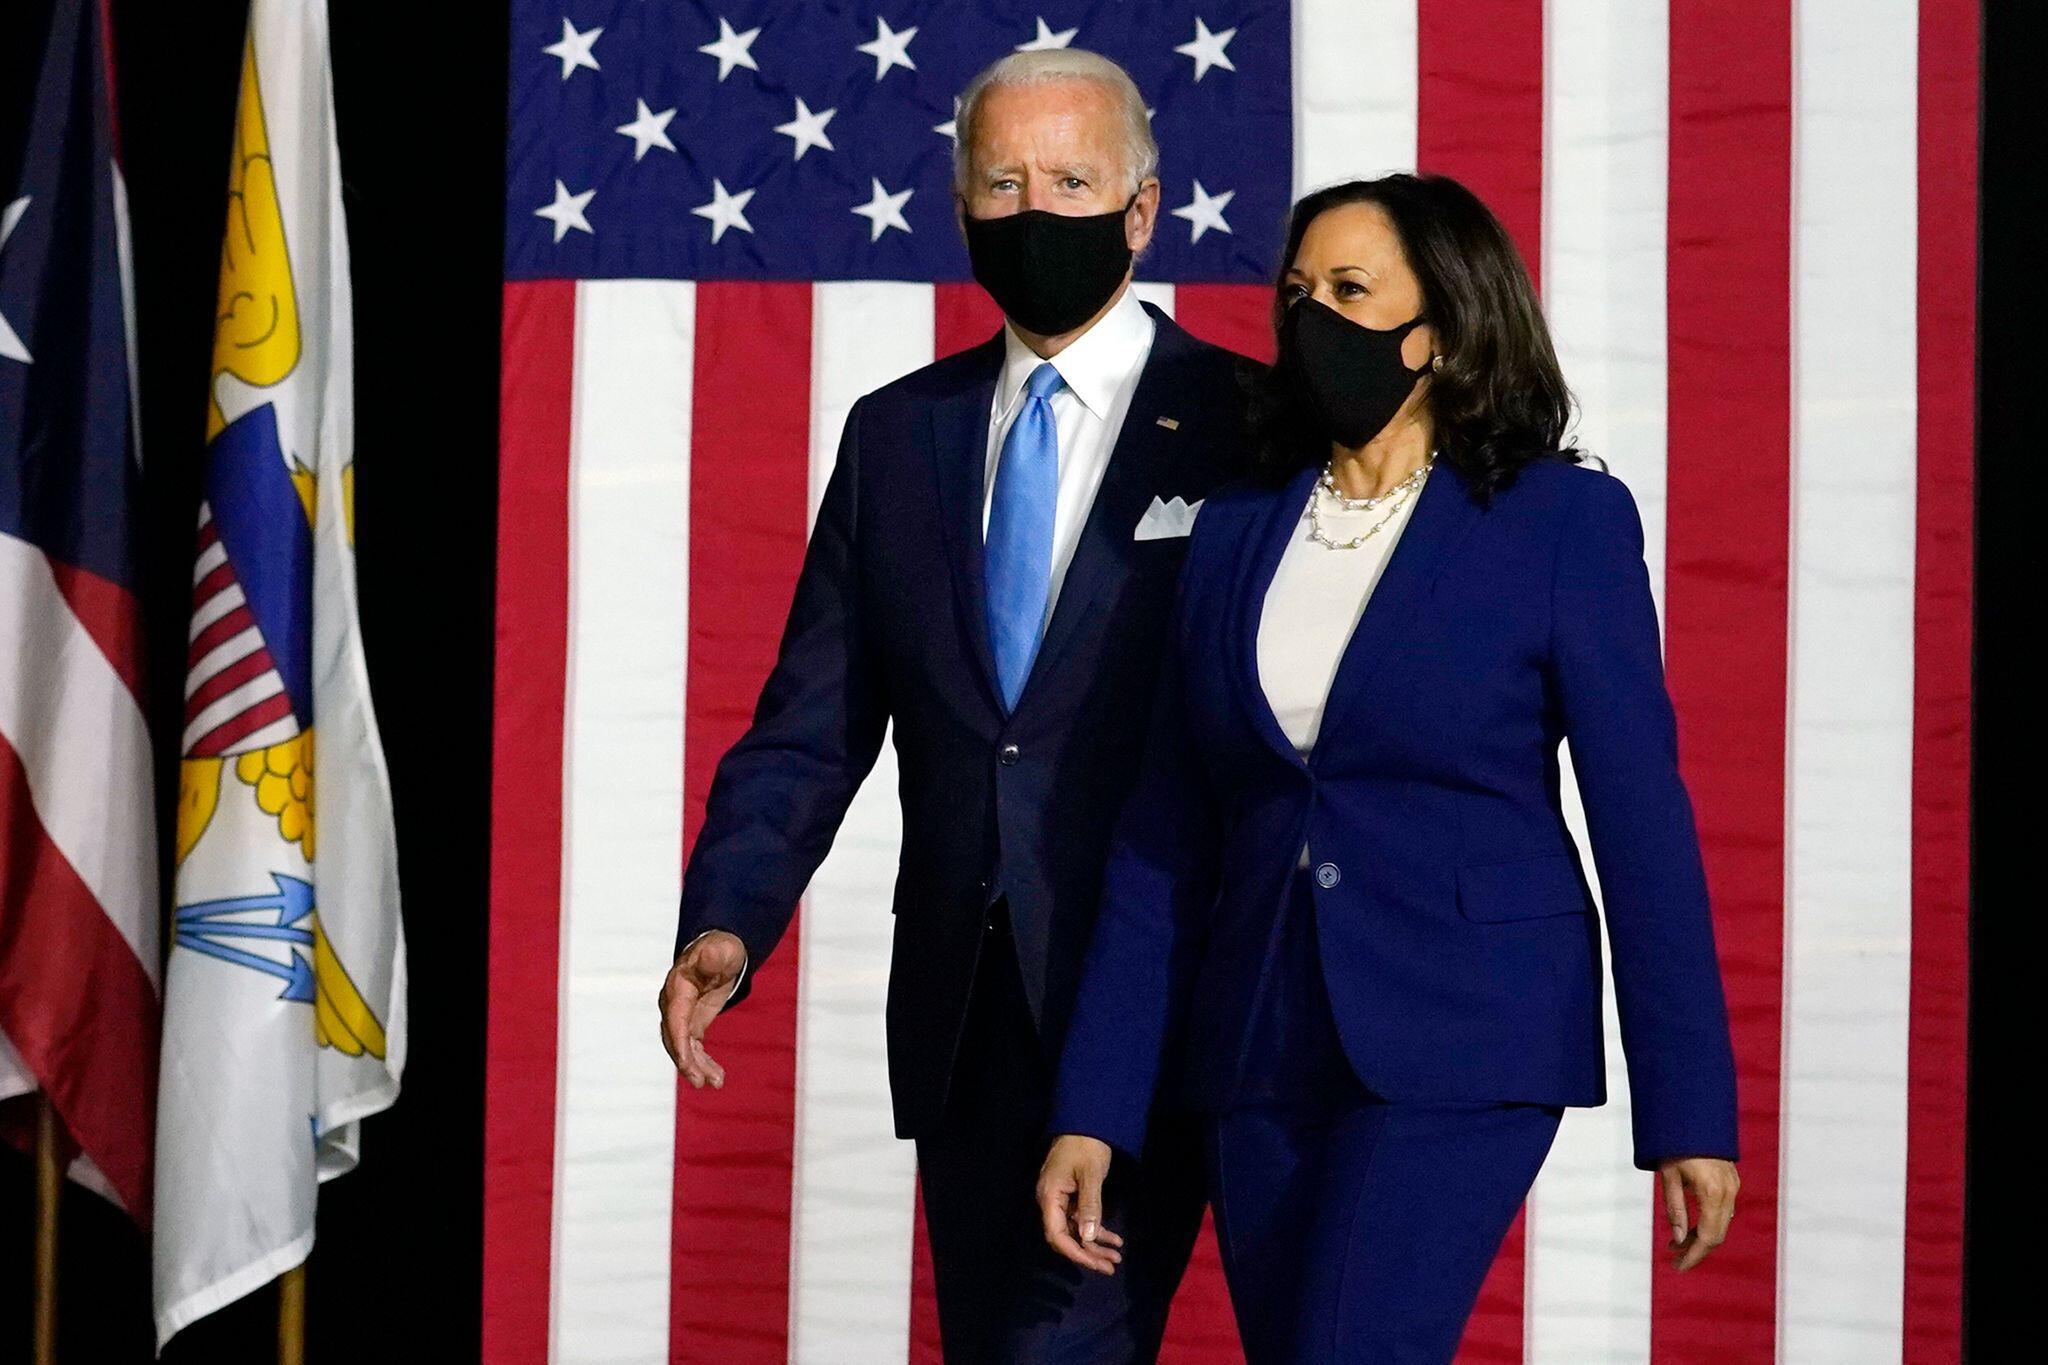 Bild zu Biden zieht mit Harris als Vize-Kandidatin in Wahl